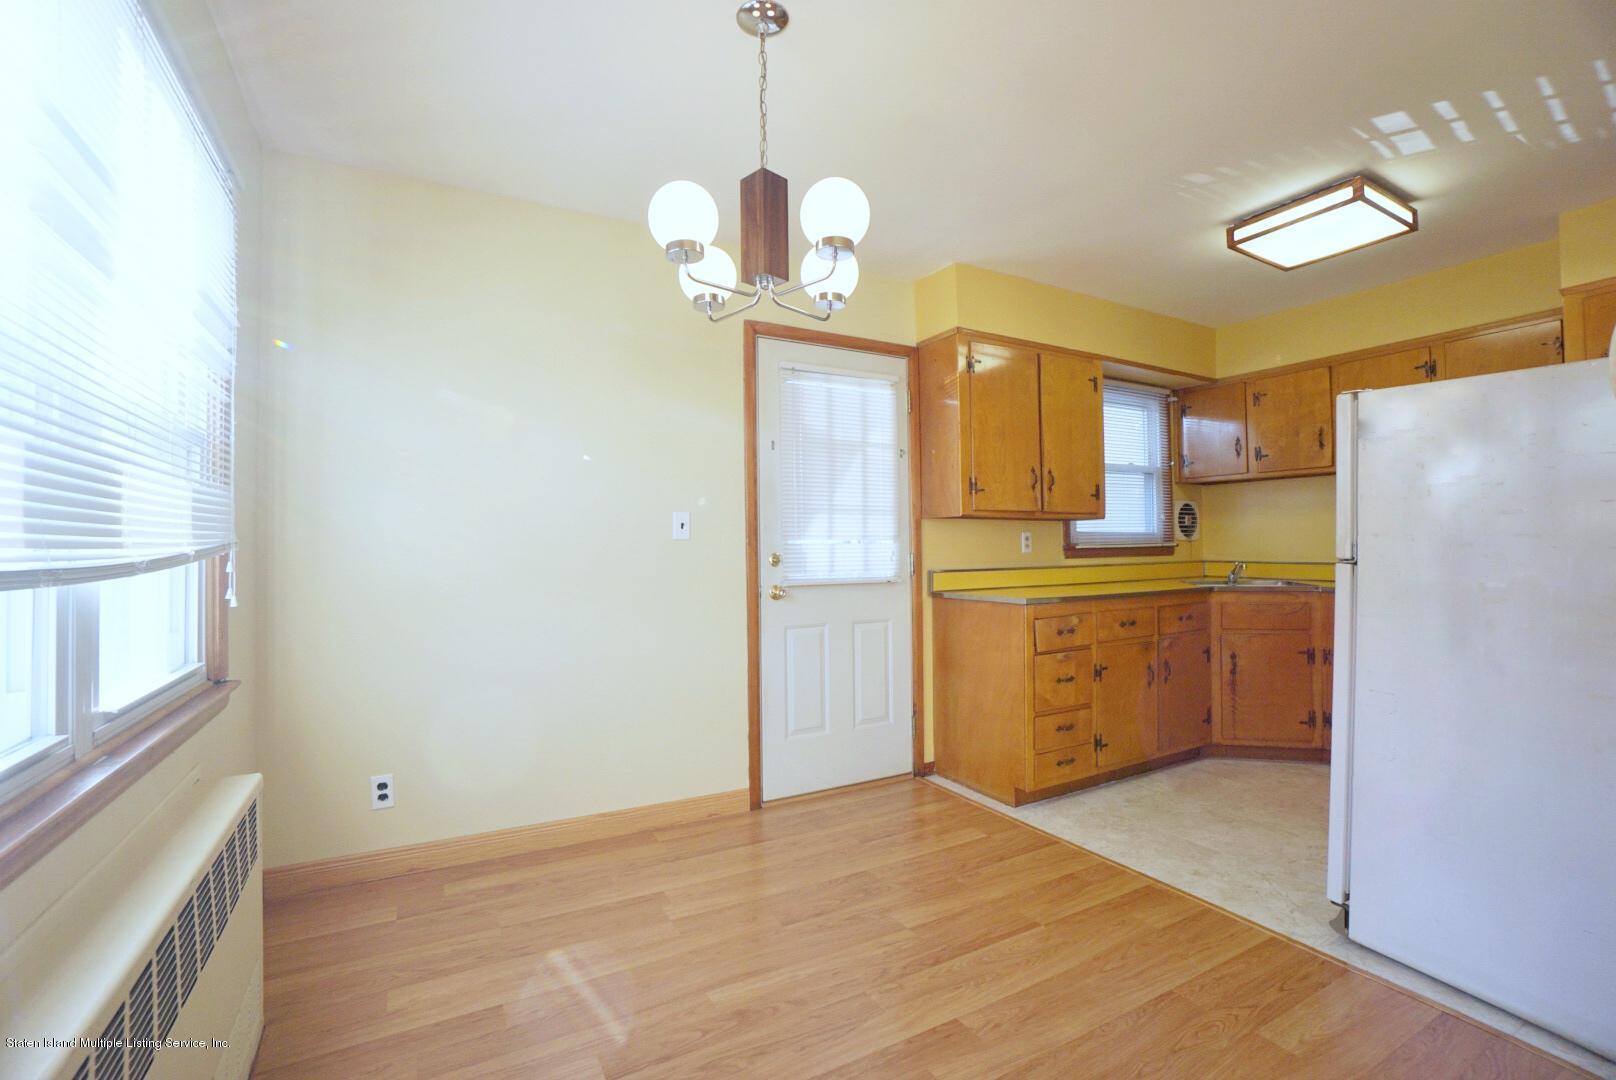 Single Family - Detached 215 Fairbanks Avenue  Staten Island, NY 10306, MLS-1138817-12